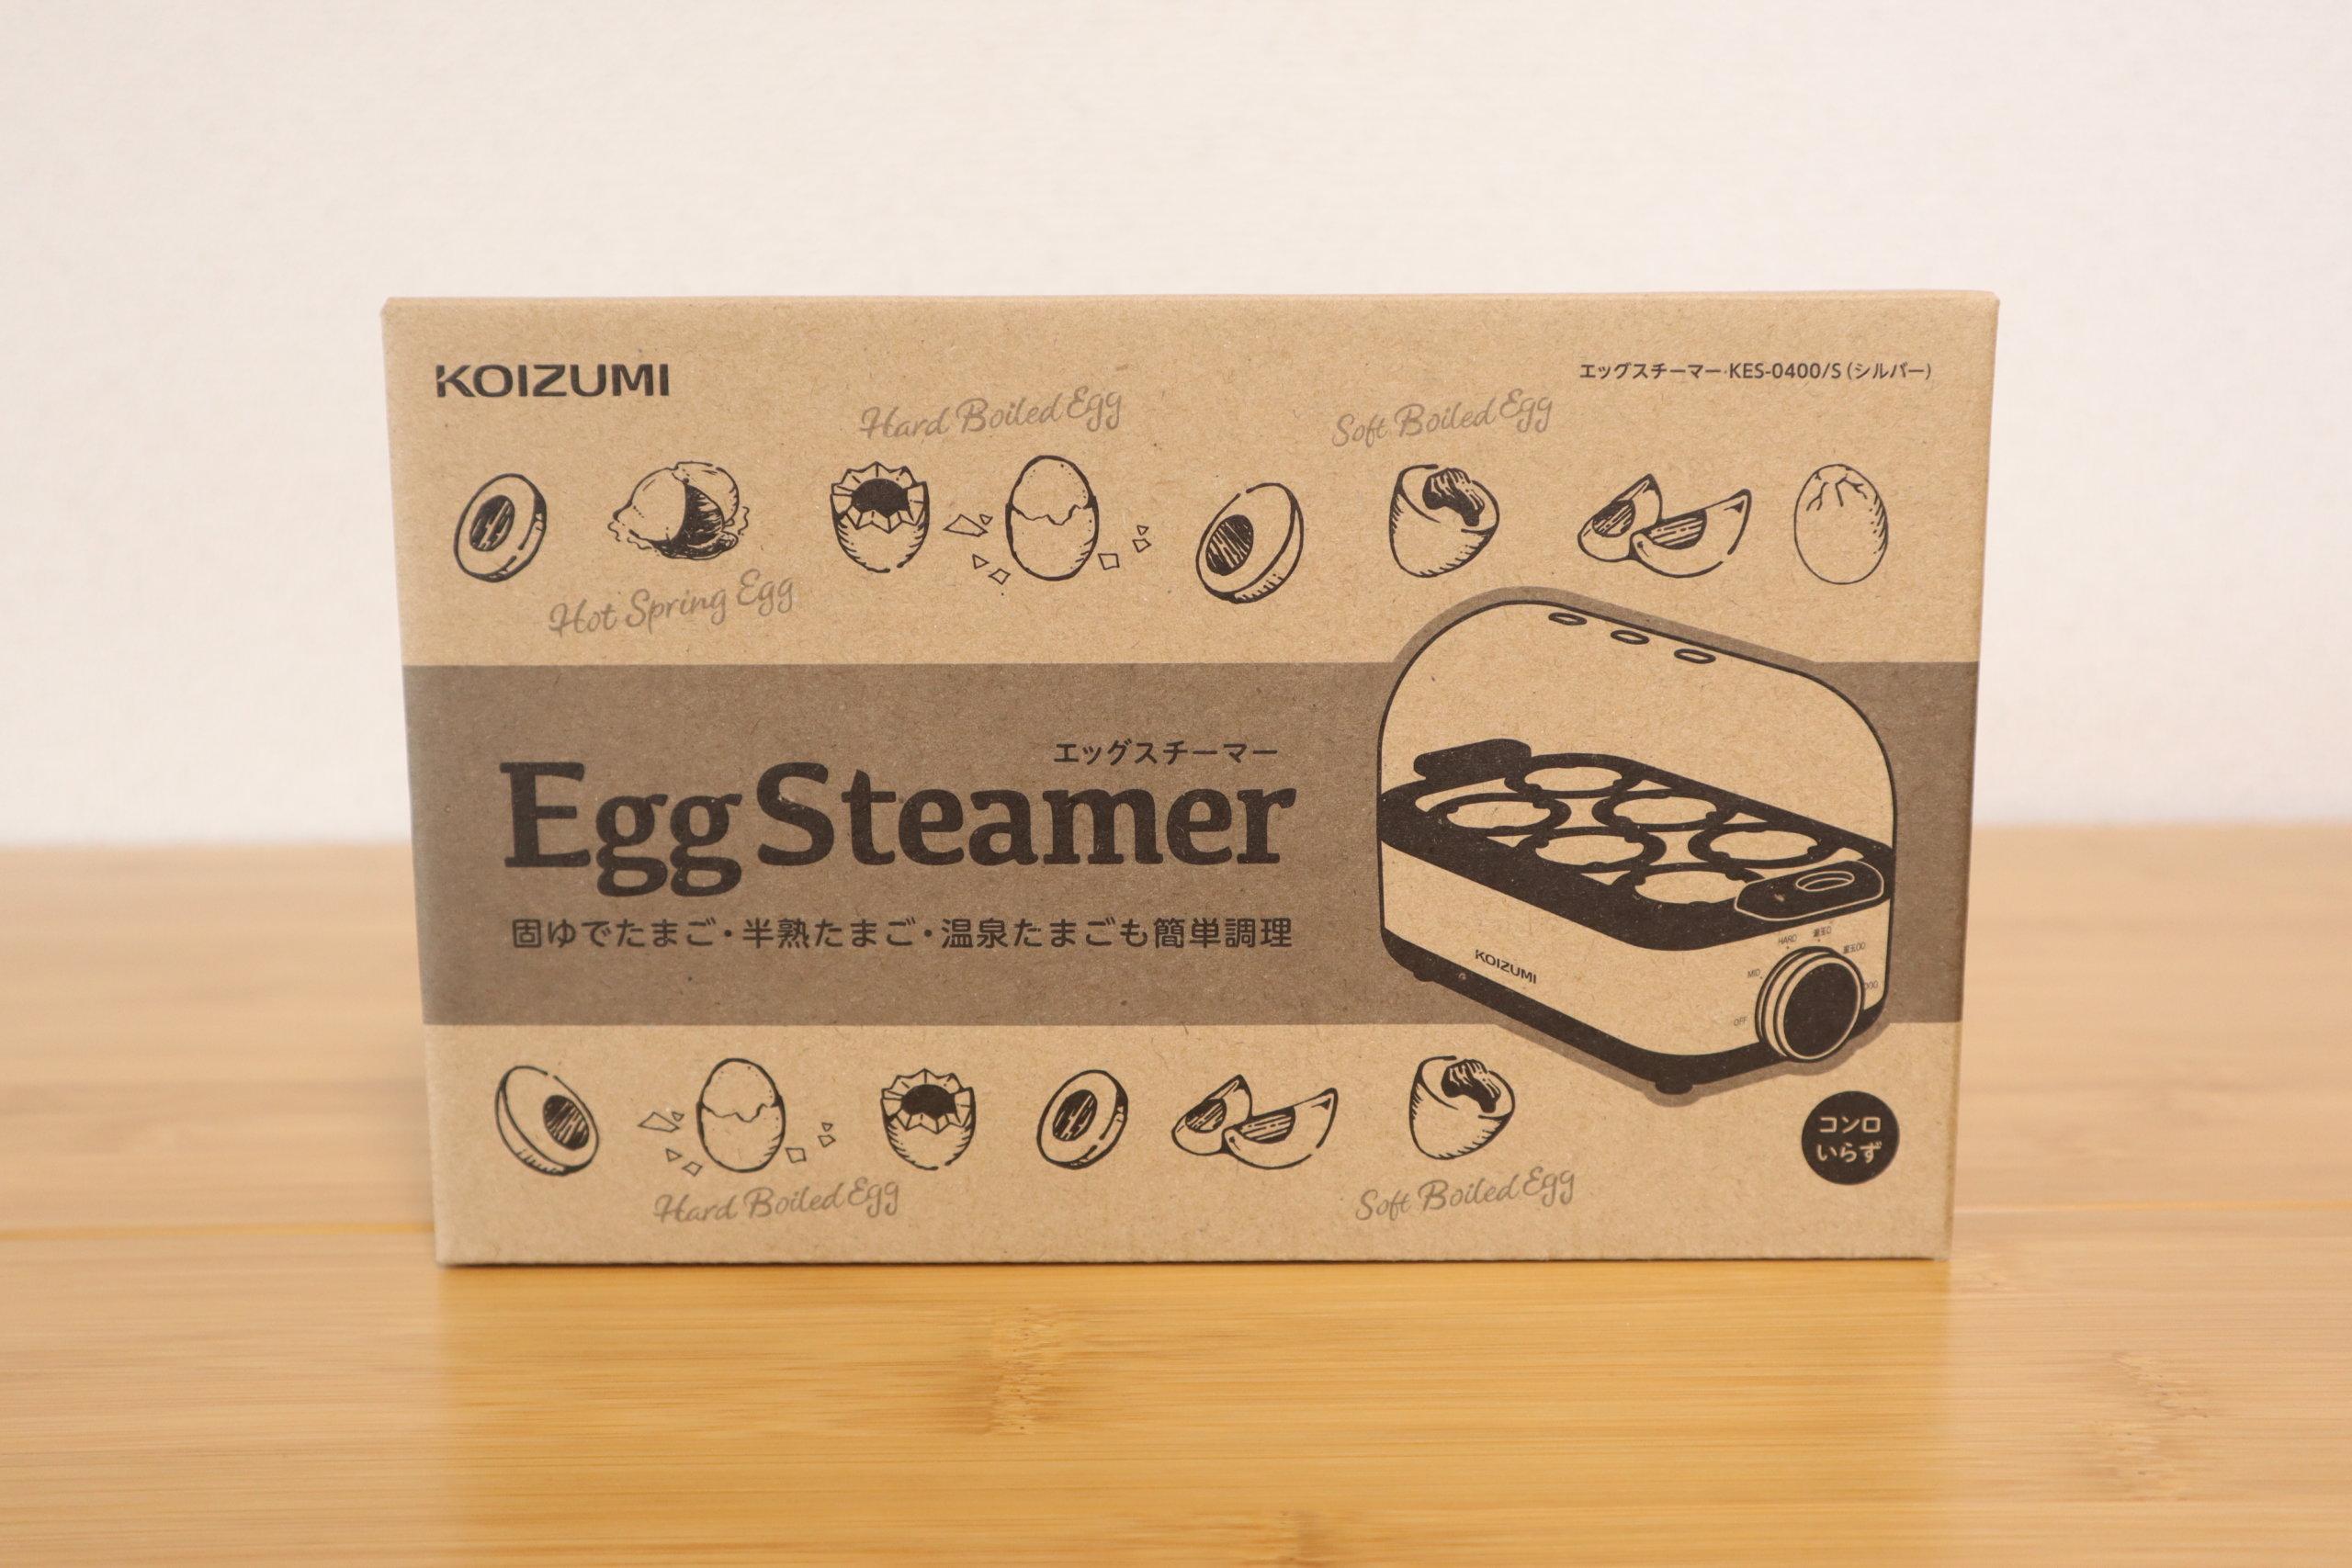 スチーマー コイズミ エッグ スチームクッカーのおすすめ13選。自宅でも簡単に蒸し料理が作れる